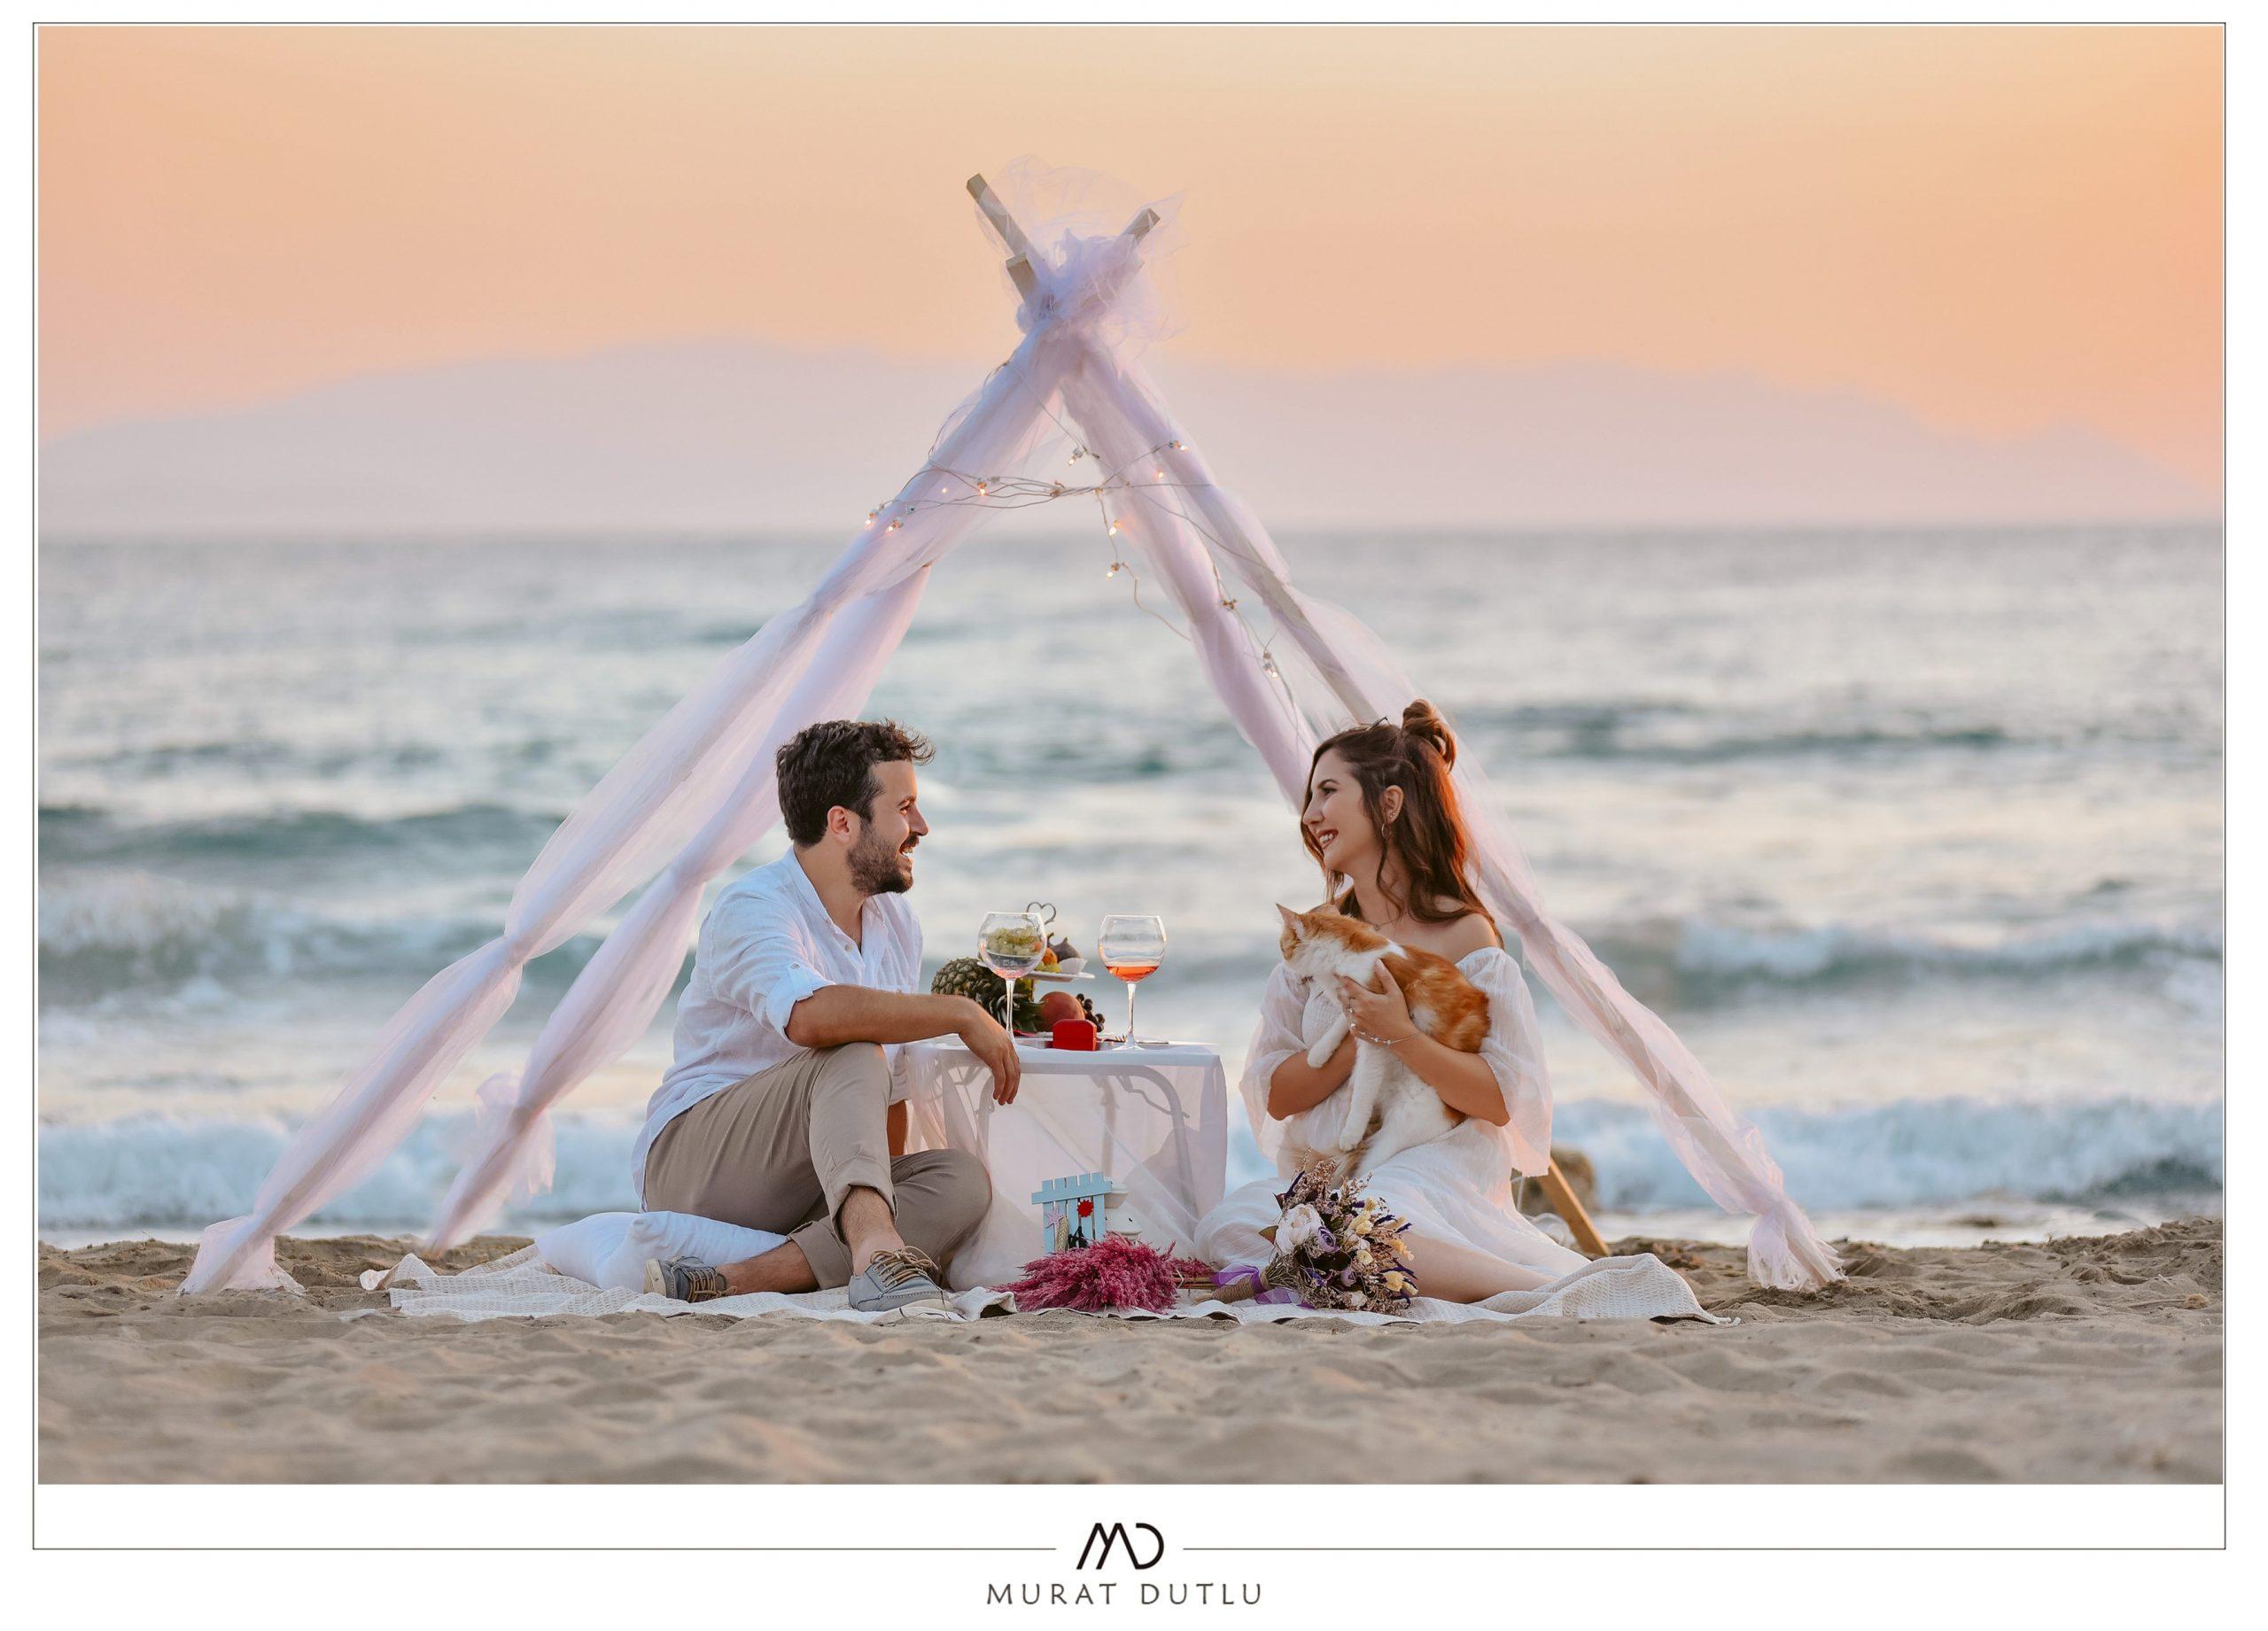 İzmir düğün fotoğrafçısı dış çekim bohem tarzı, sahil çadır konsepti